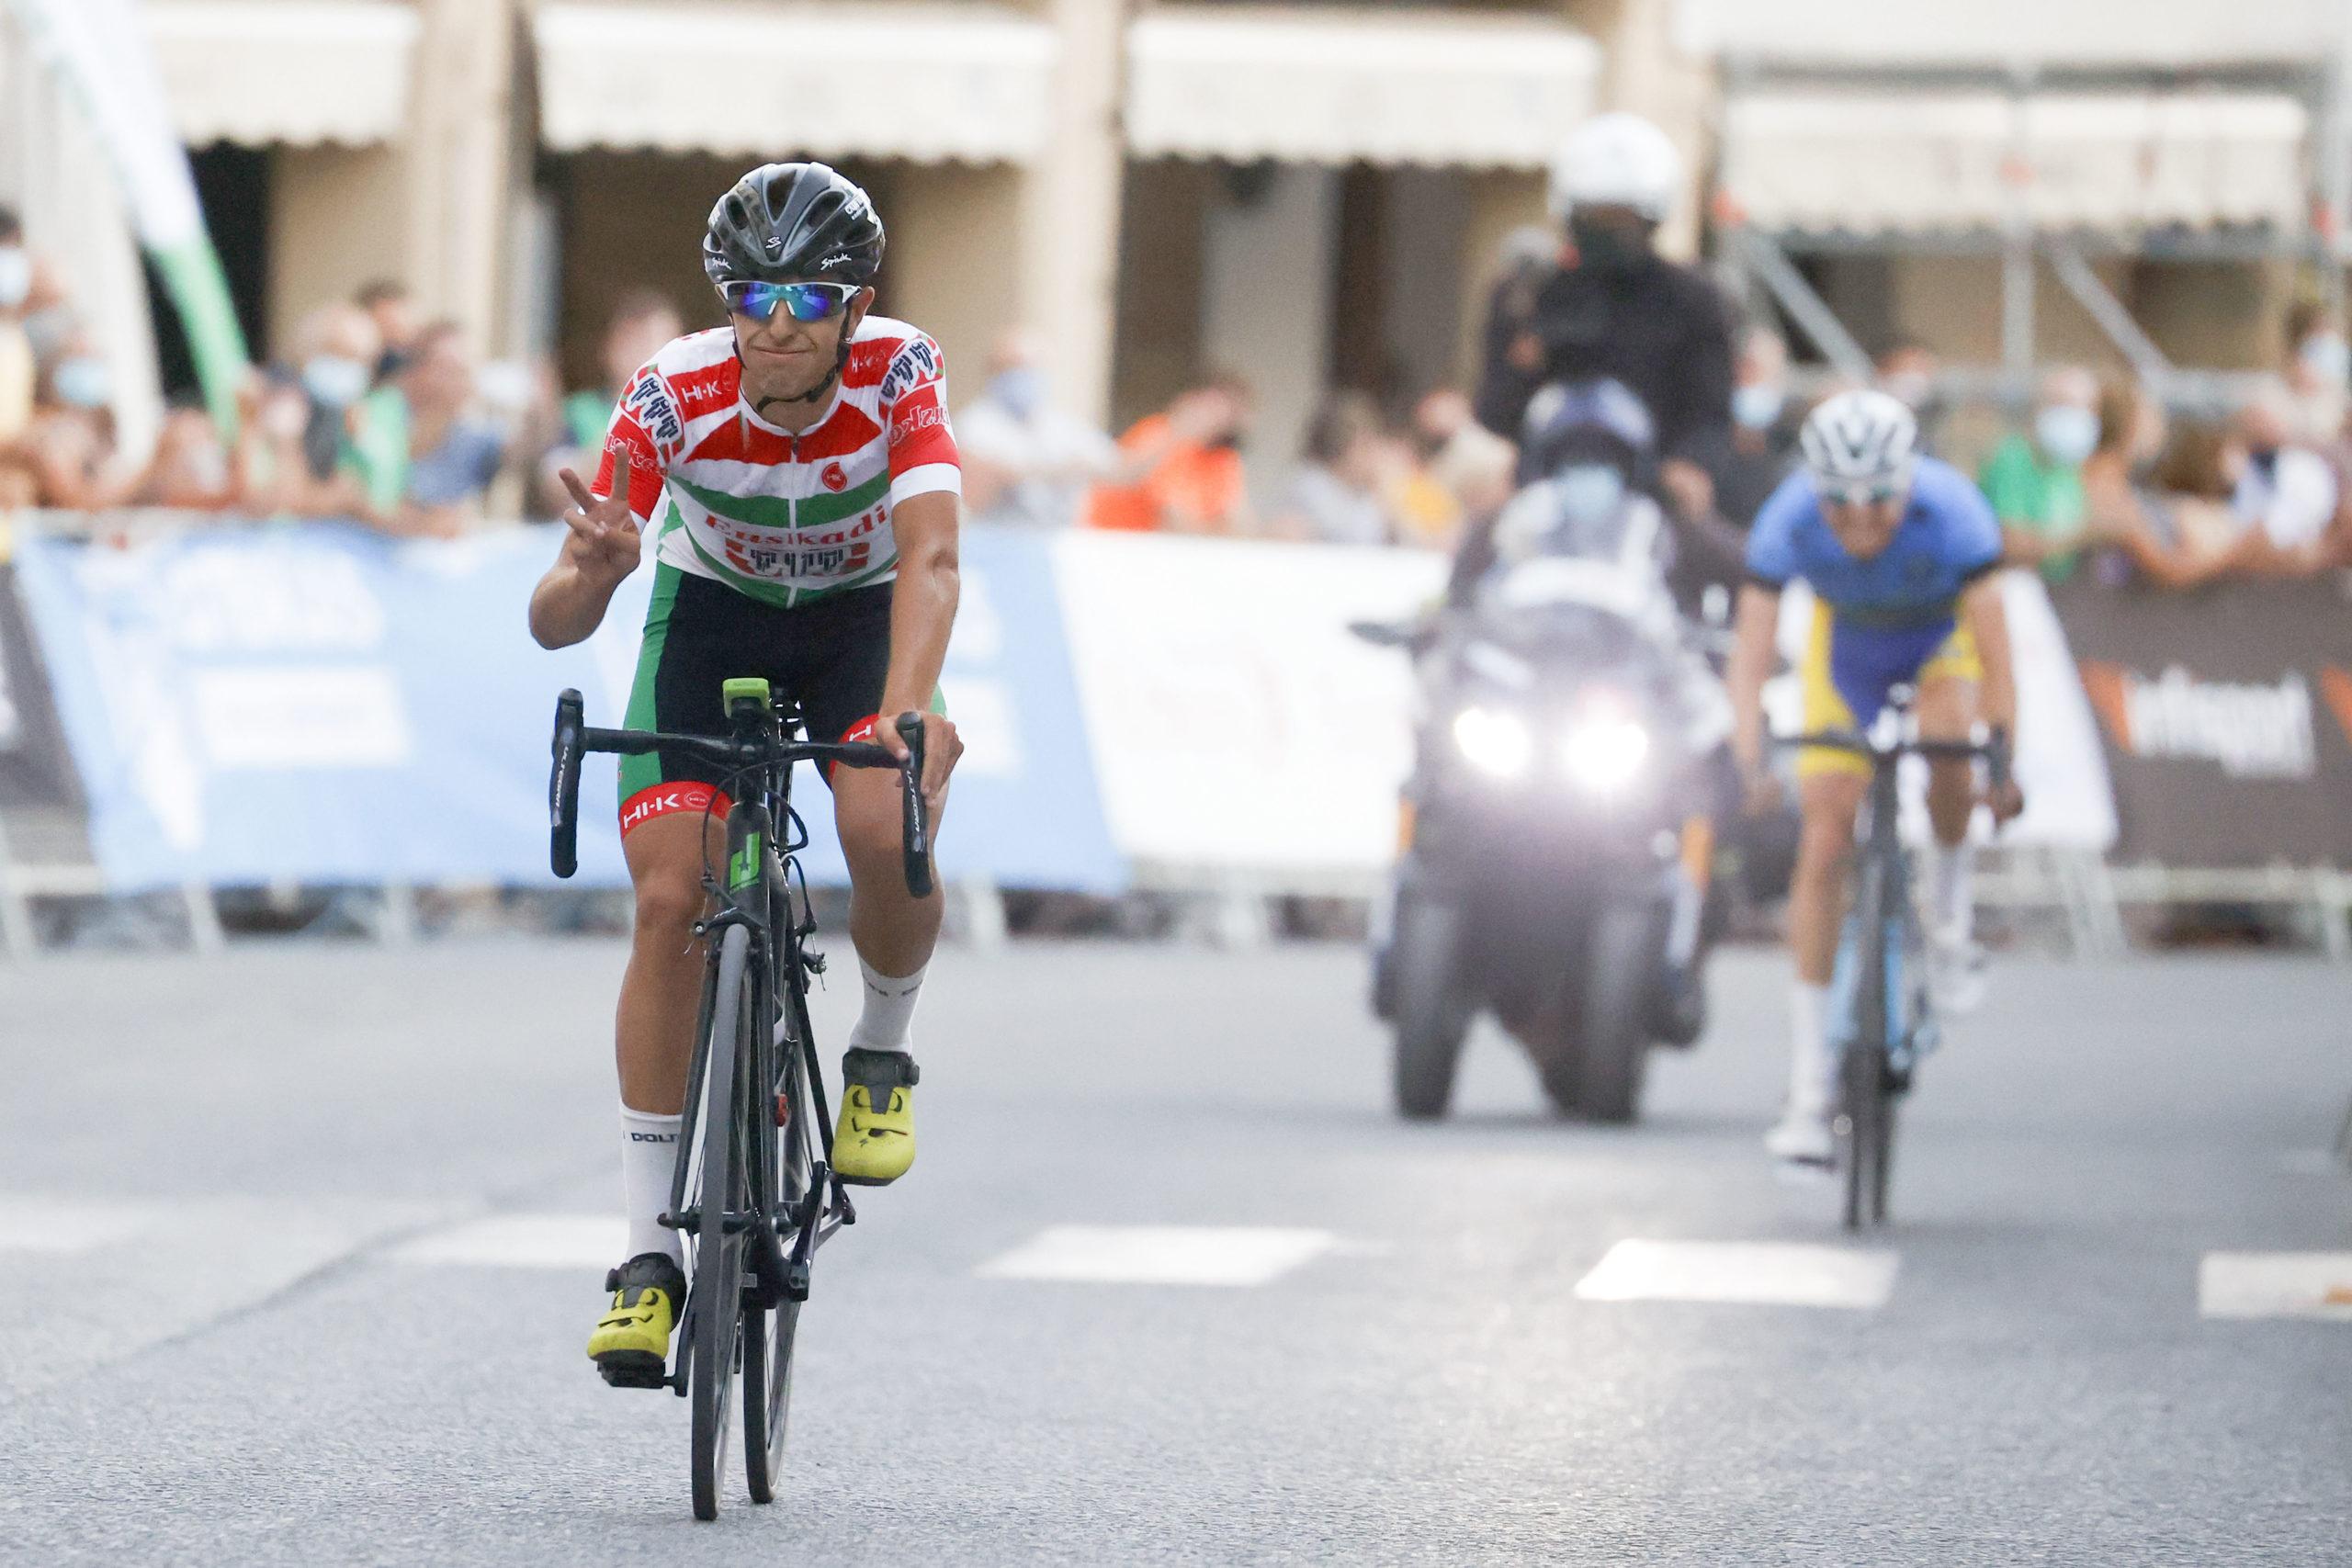 Jokin Murguialday redondea una gran actuación en Jaéncon otra medalla de plata